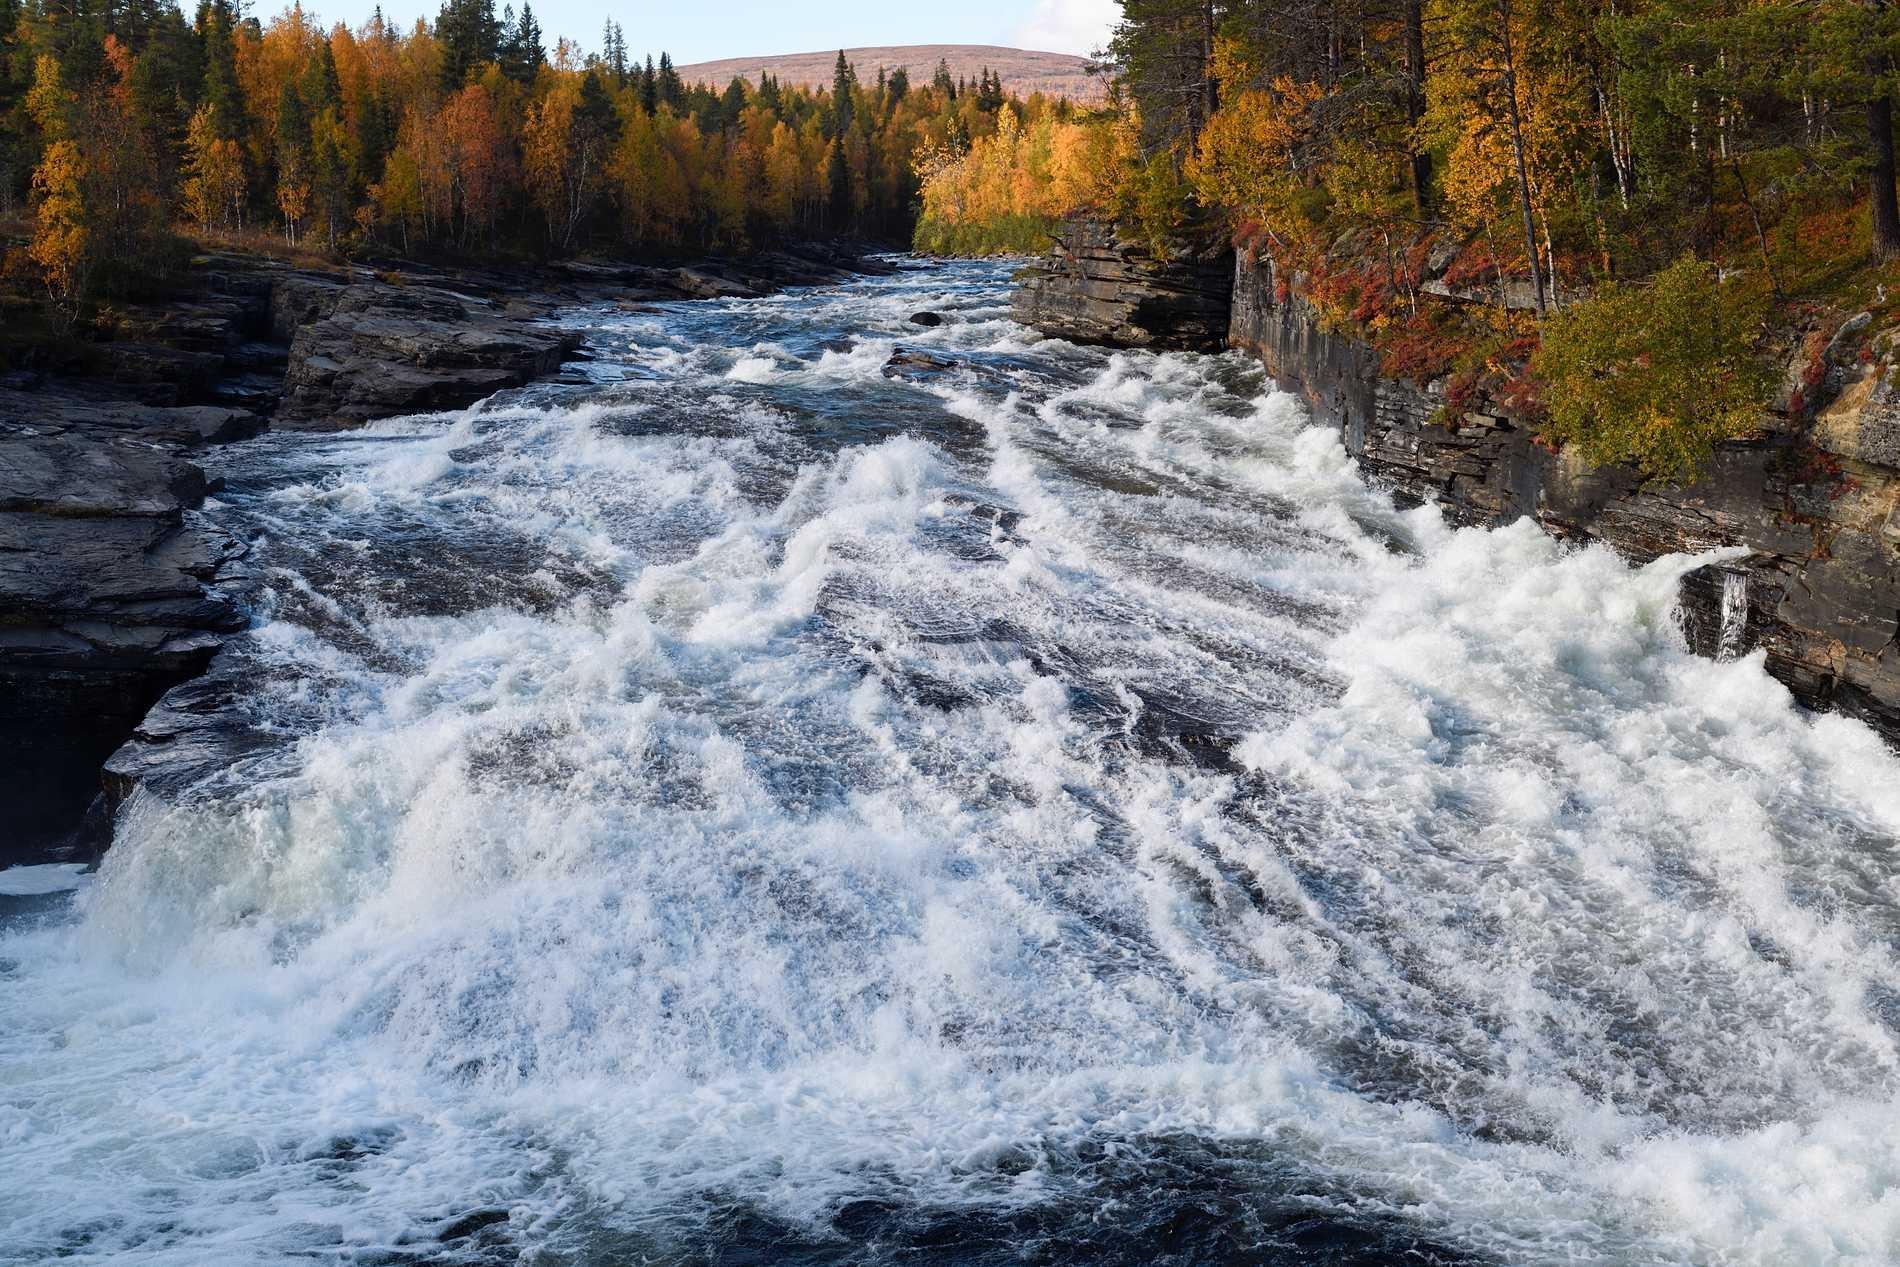 Ytterligare bidragspengar från regeringen ska förstärka Havs- och vattenmyndighetens övervakning av vatten i Sverige. Arkivbild.